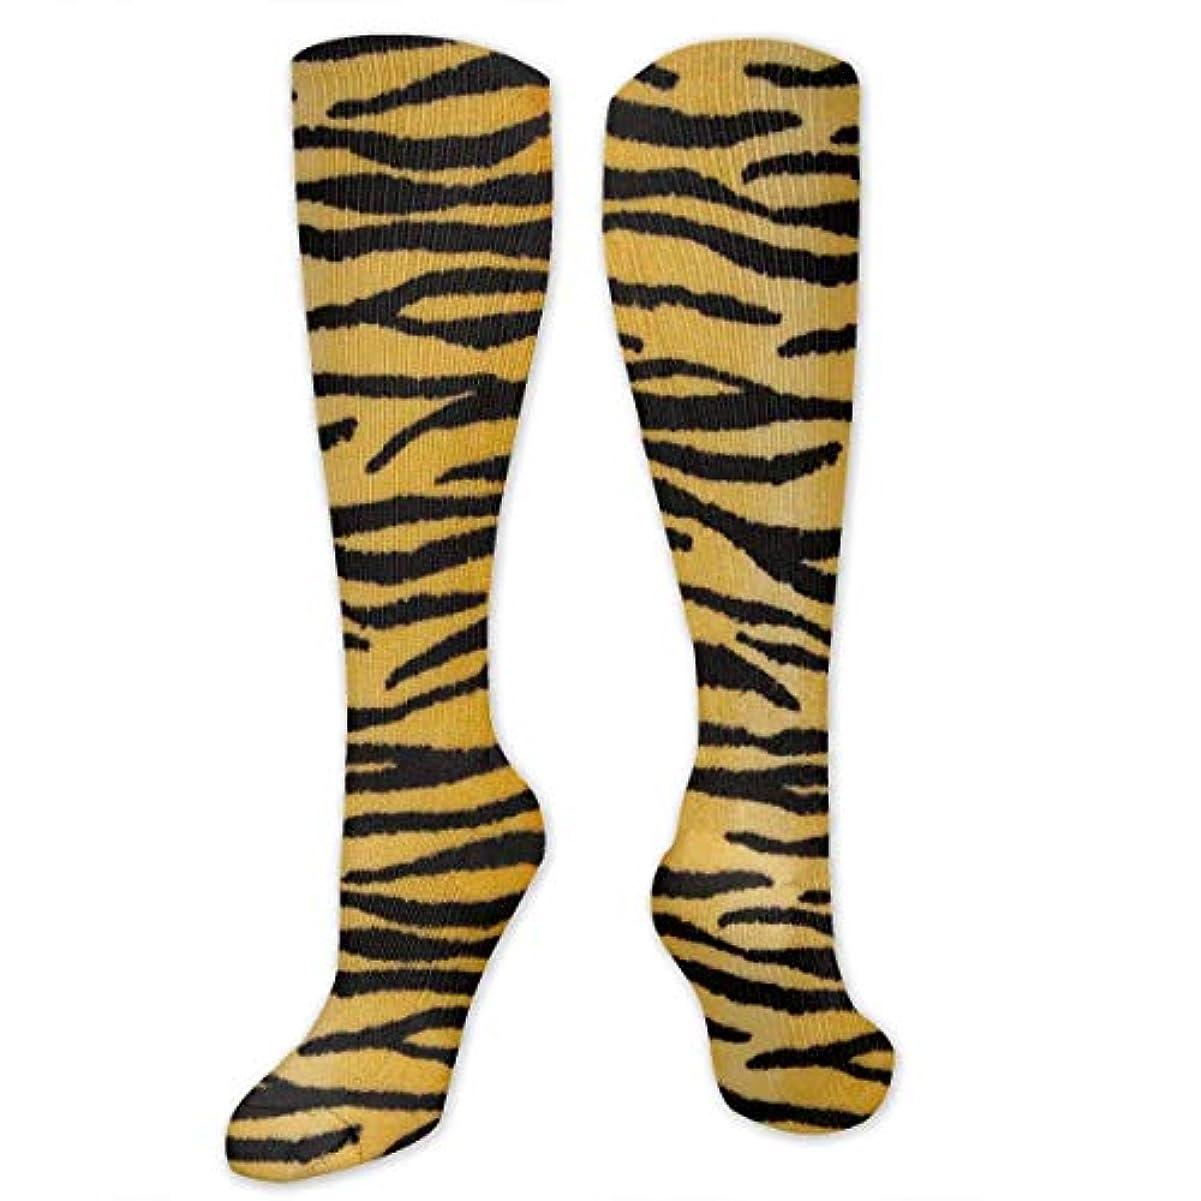 リテラシートイレテント靴下,ストッキング,野生のジョーカー,実際,秋の本質,冬必須,サマーウェア&RBXAA Animal Print Tiger Black Gold Socks Women's Winter Cotton Long Tube...